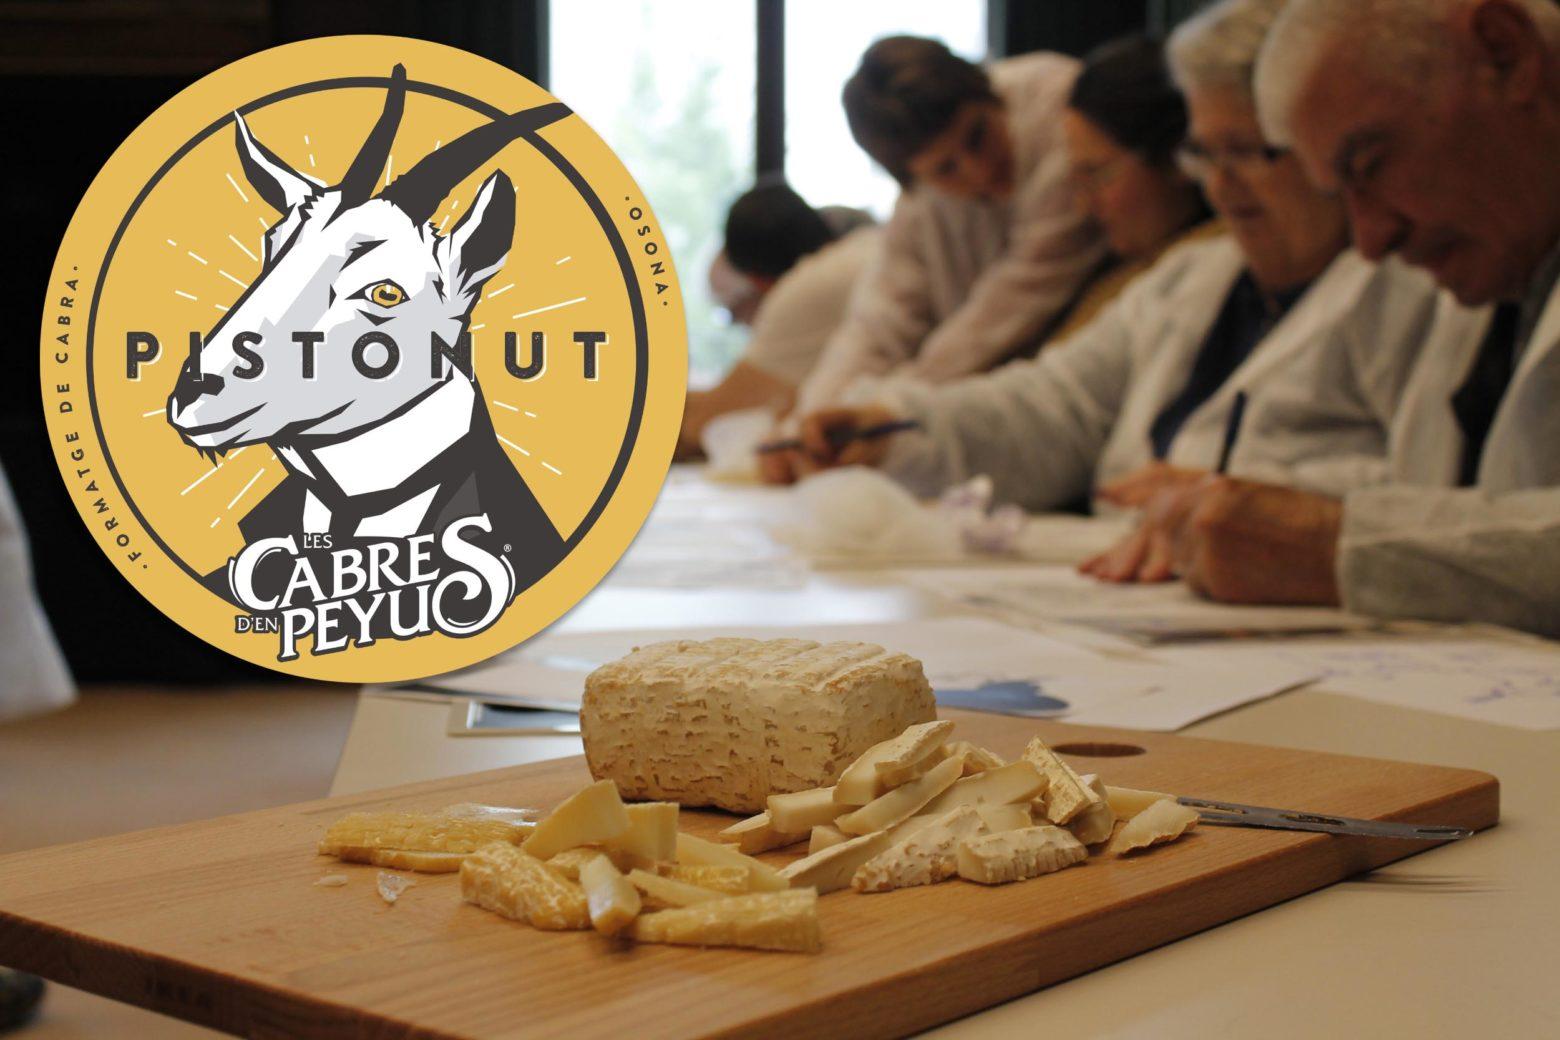 El nou formatge ja té nom: PISTONUT!